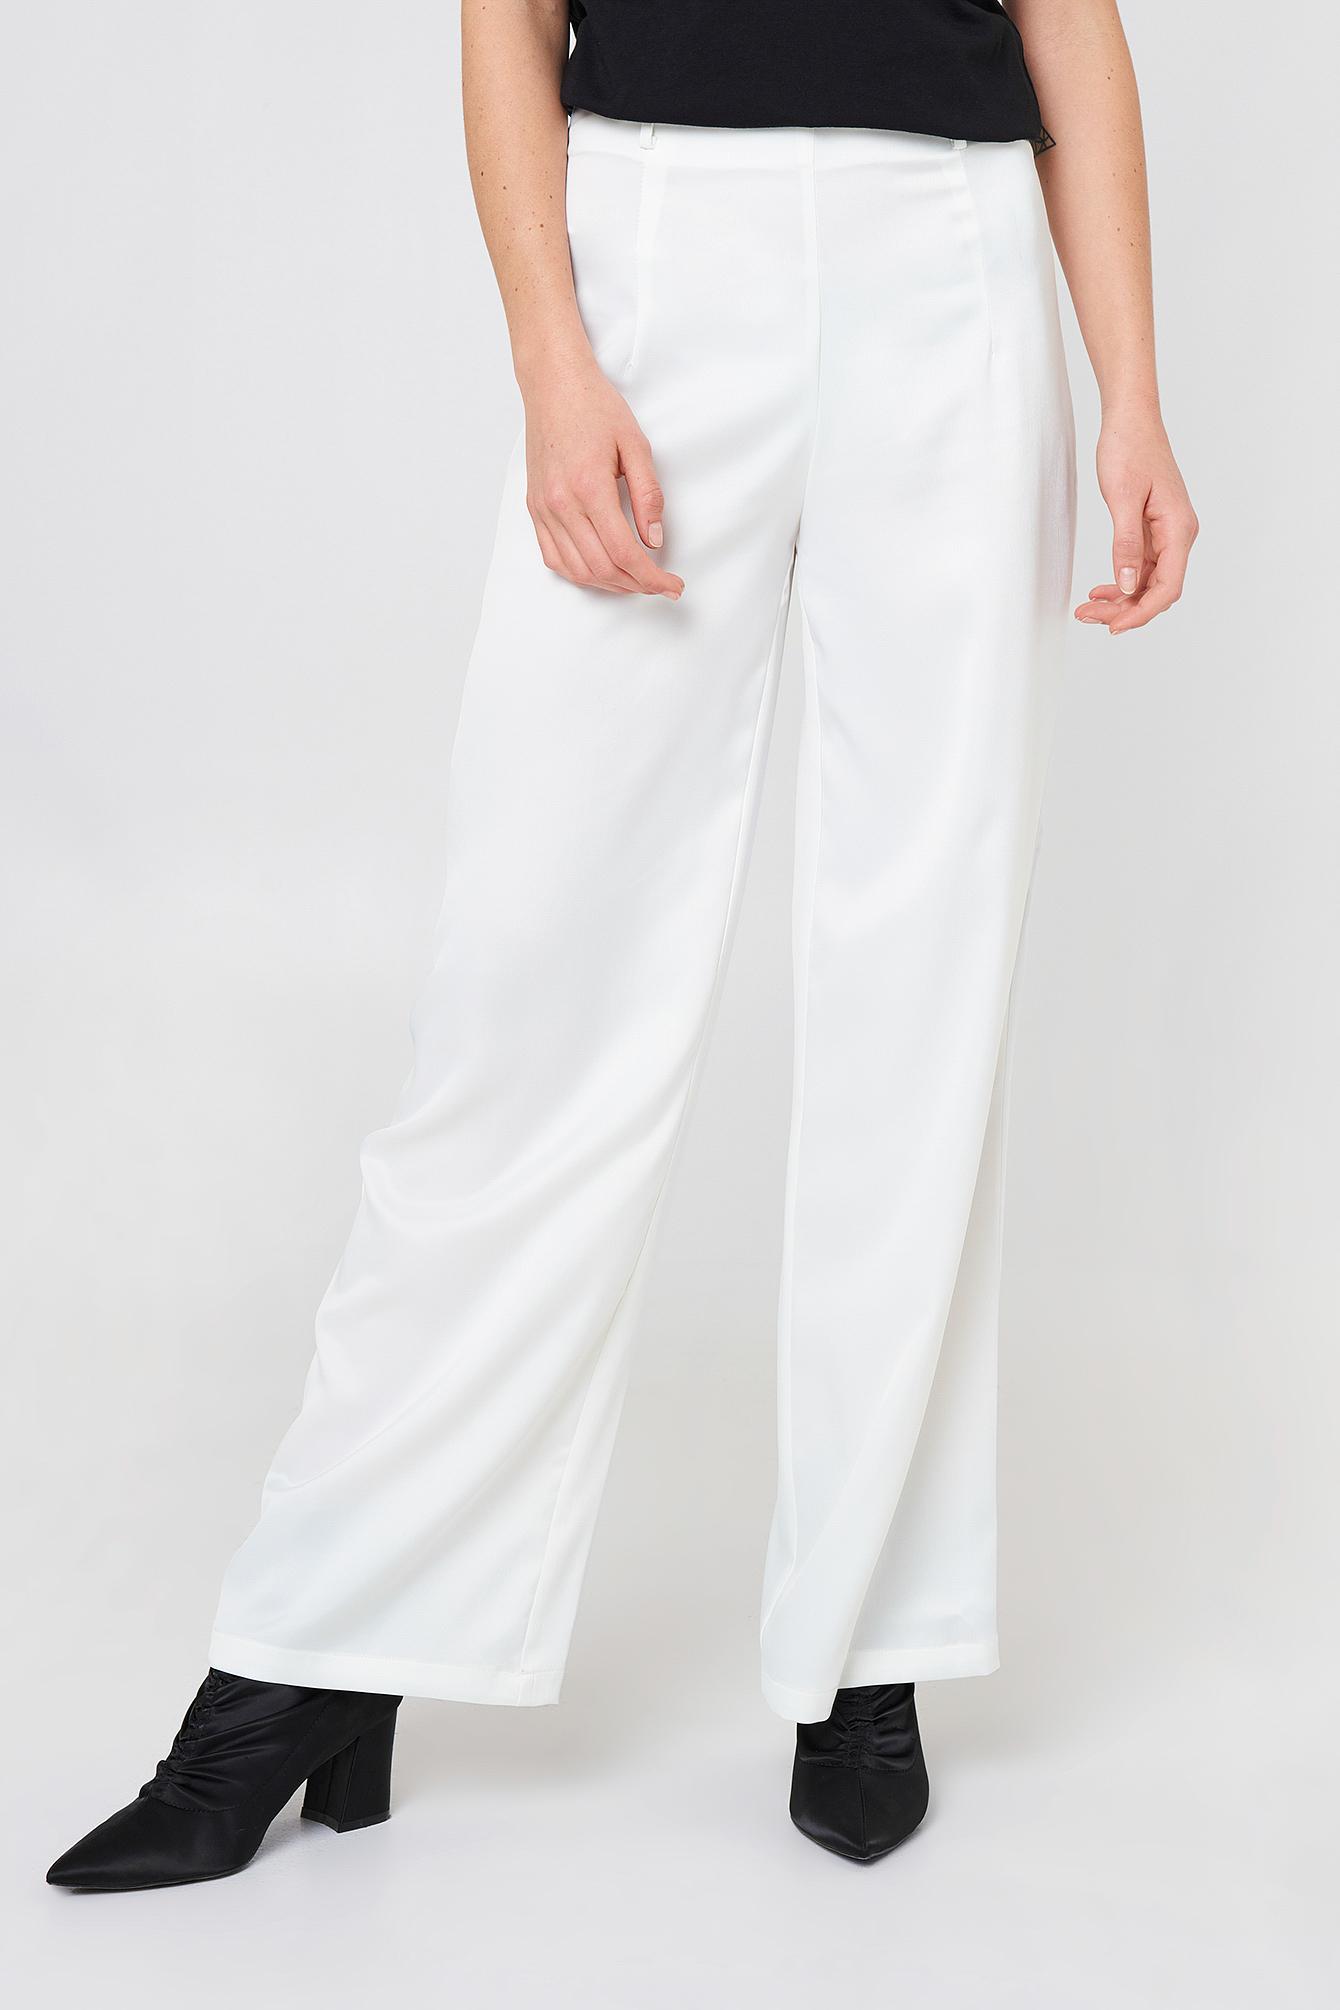 Szerokie spodnie Petra NA-KD.COM